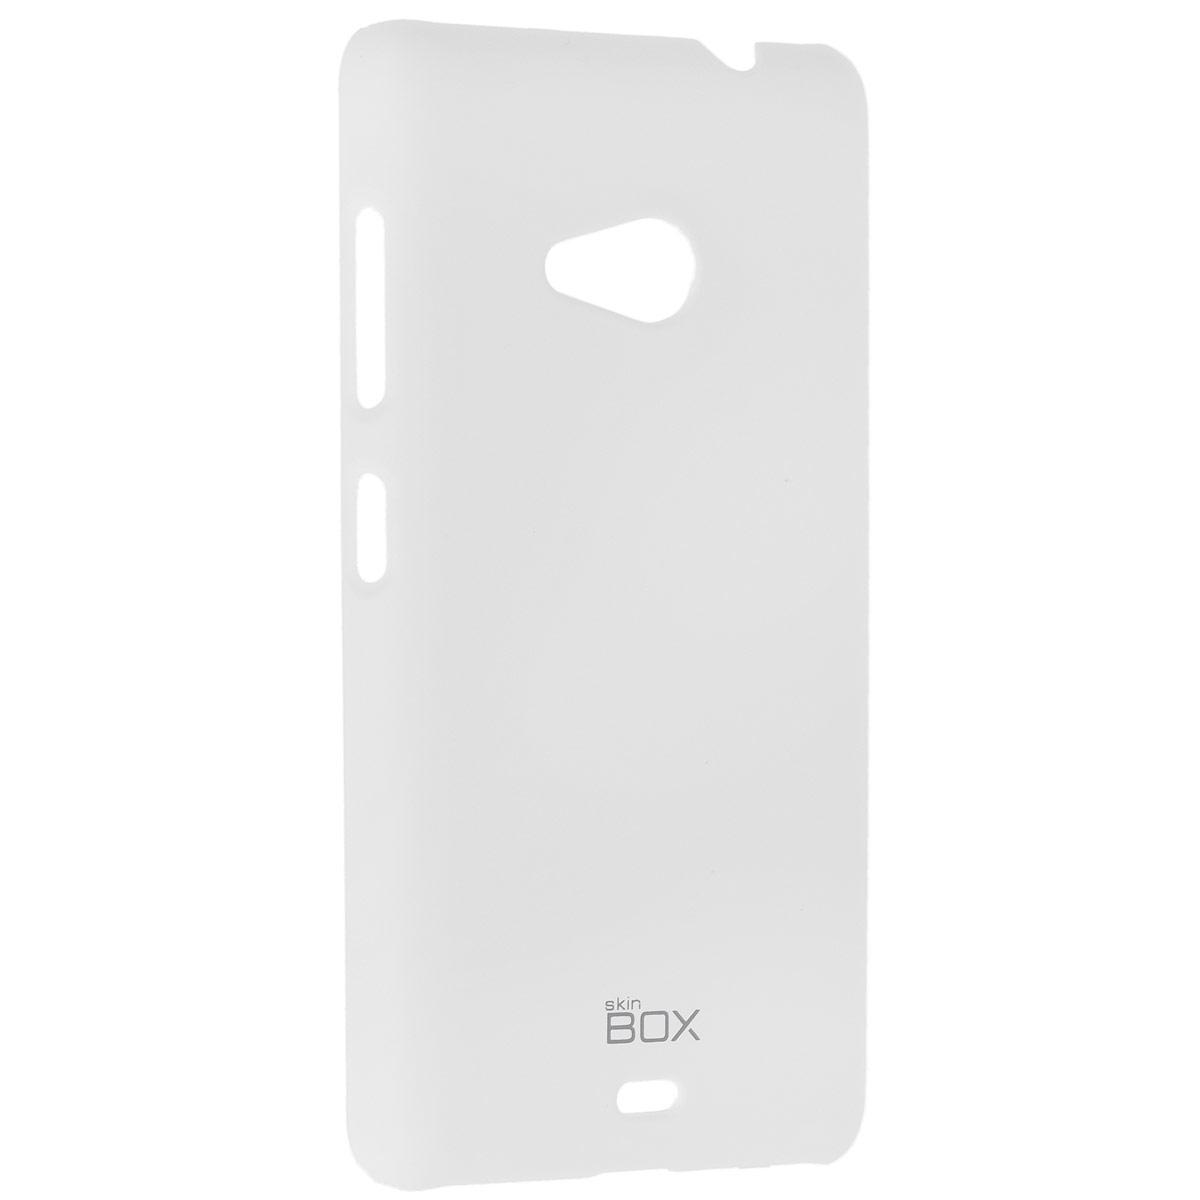 Skinbox Shield 4People чехол для Microsoft Lumia 535, WhiteT-S-ML535-002Чехол Skinbox Shield 4People для Microsoft Lumia 535 предназначен для защиты корпуса смартфона от механических повреждений и царапин в процессе эксплуатации. Имеется свободный доступ ко всем разъемам и кнопкам устройства. В комплект также входит защитная пленка на экран телефона.